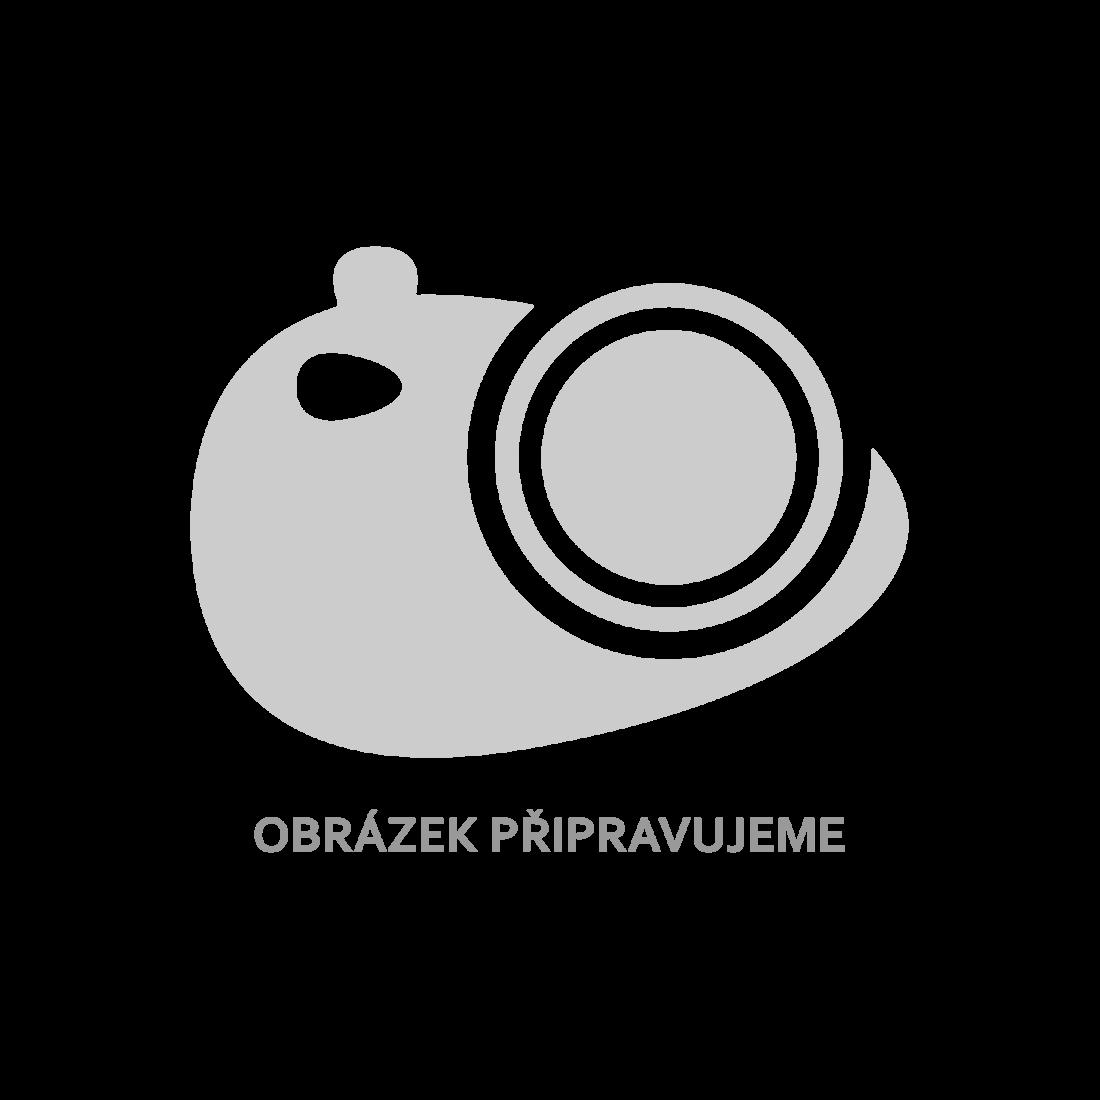 Otočné barové stoličky z umělé kůže 2 ks 34,5x50,5x89 cm černé [246925]